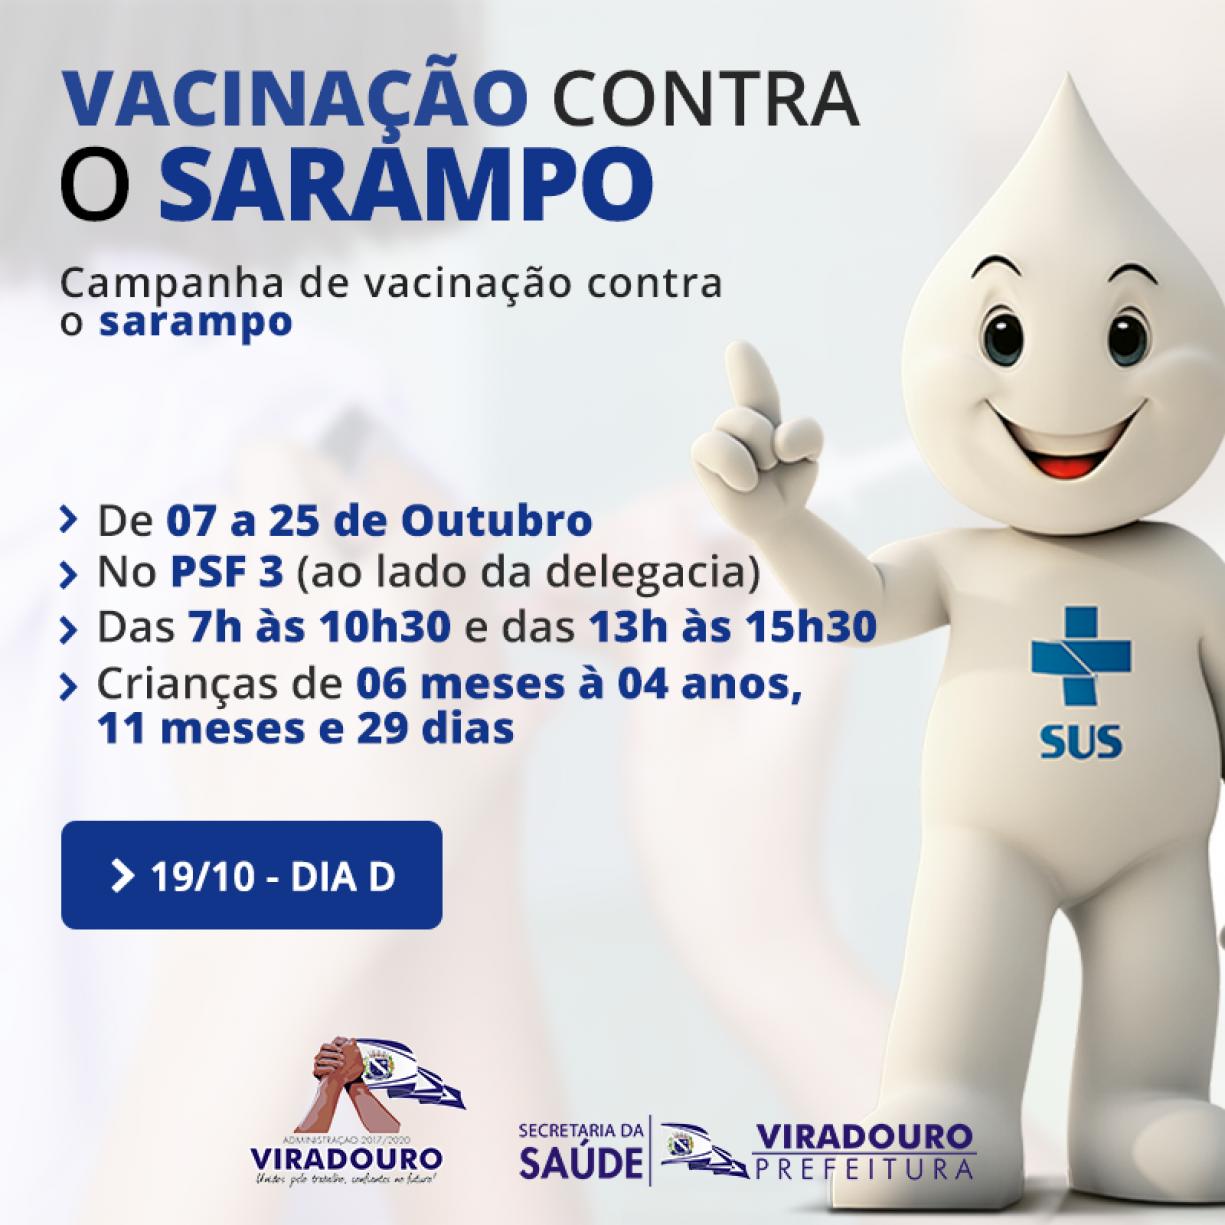 Campanha de Vacinação Sarampo